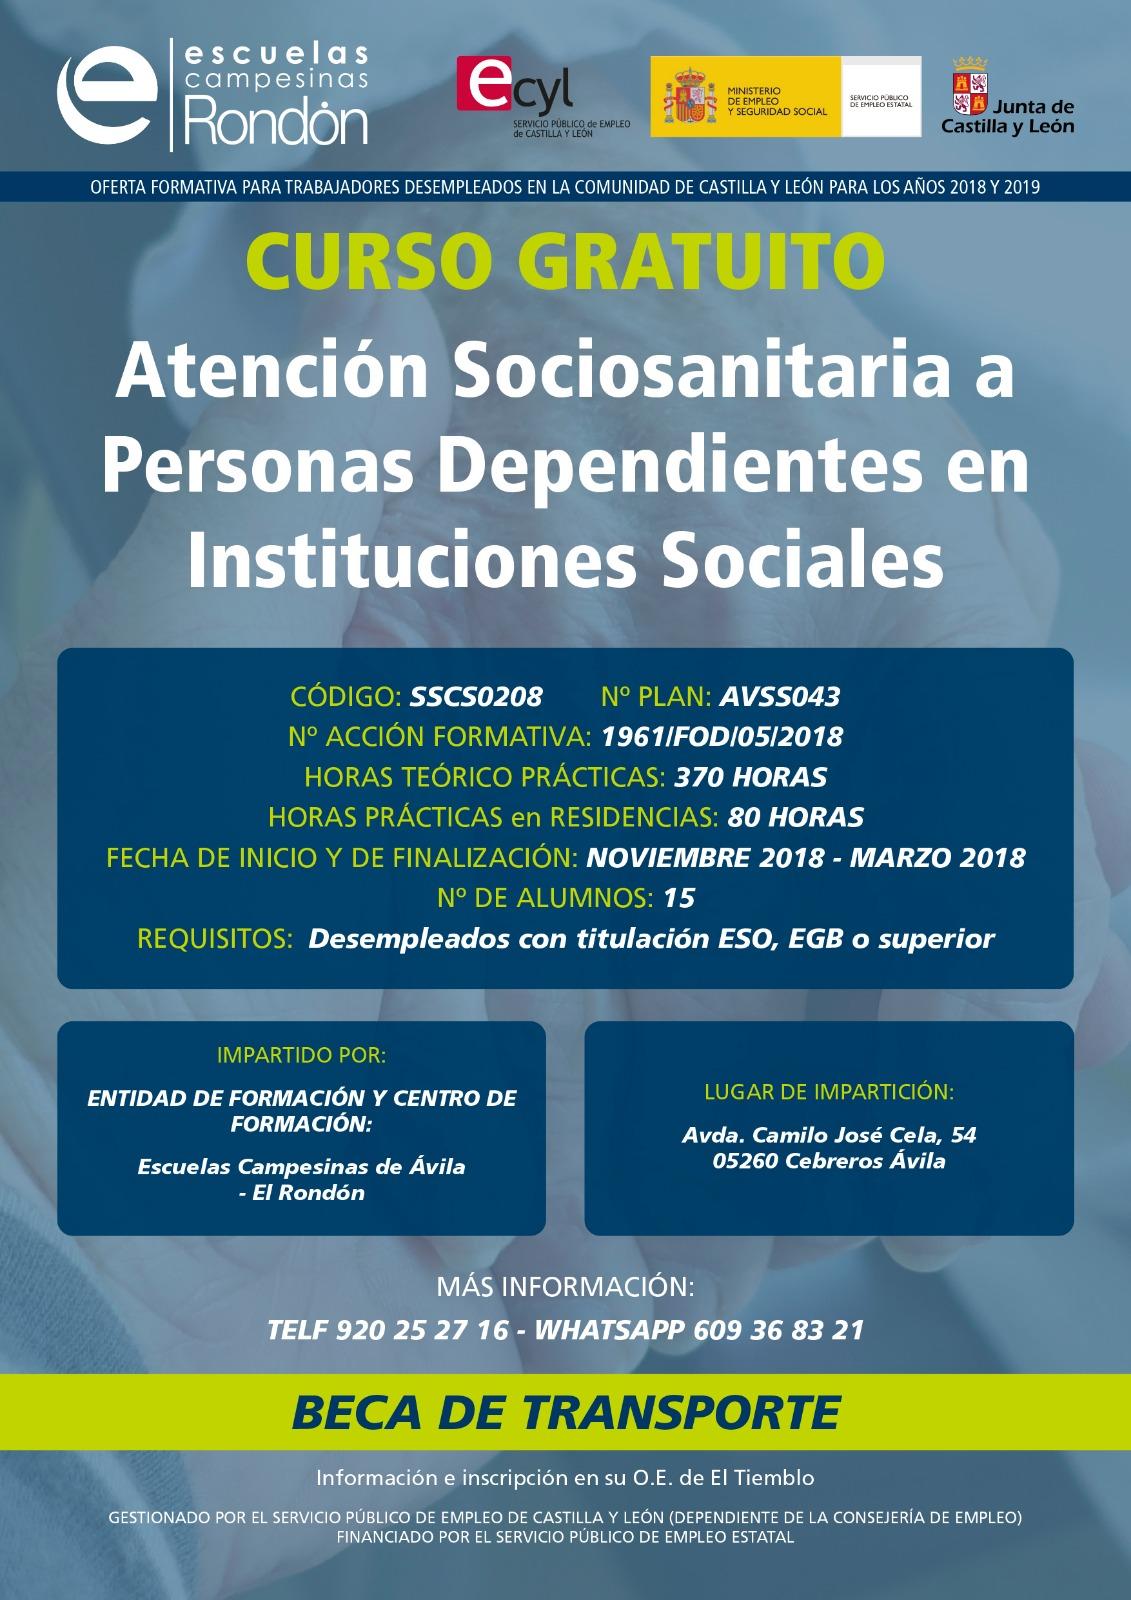 Curso gratuito en Cebreros: Atención Sociosanitaria a Personas Dependientes en Instituciones Sociales